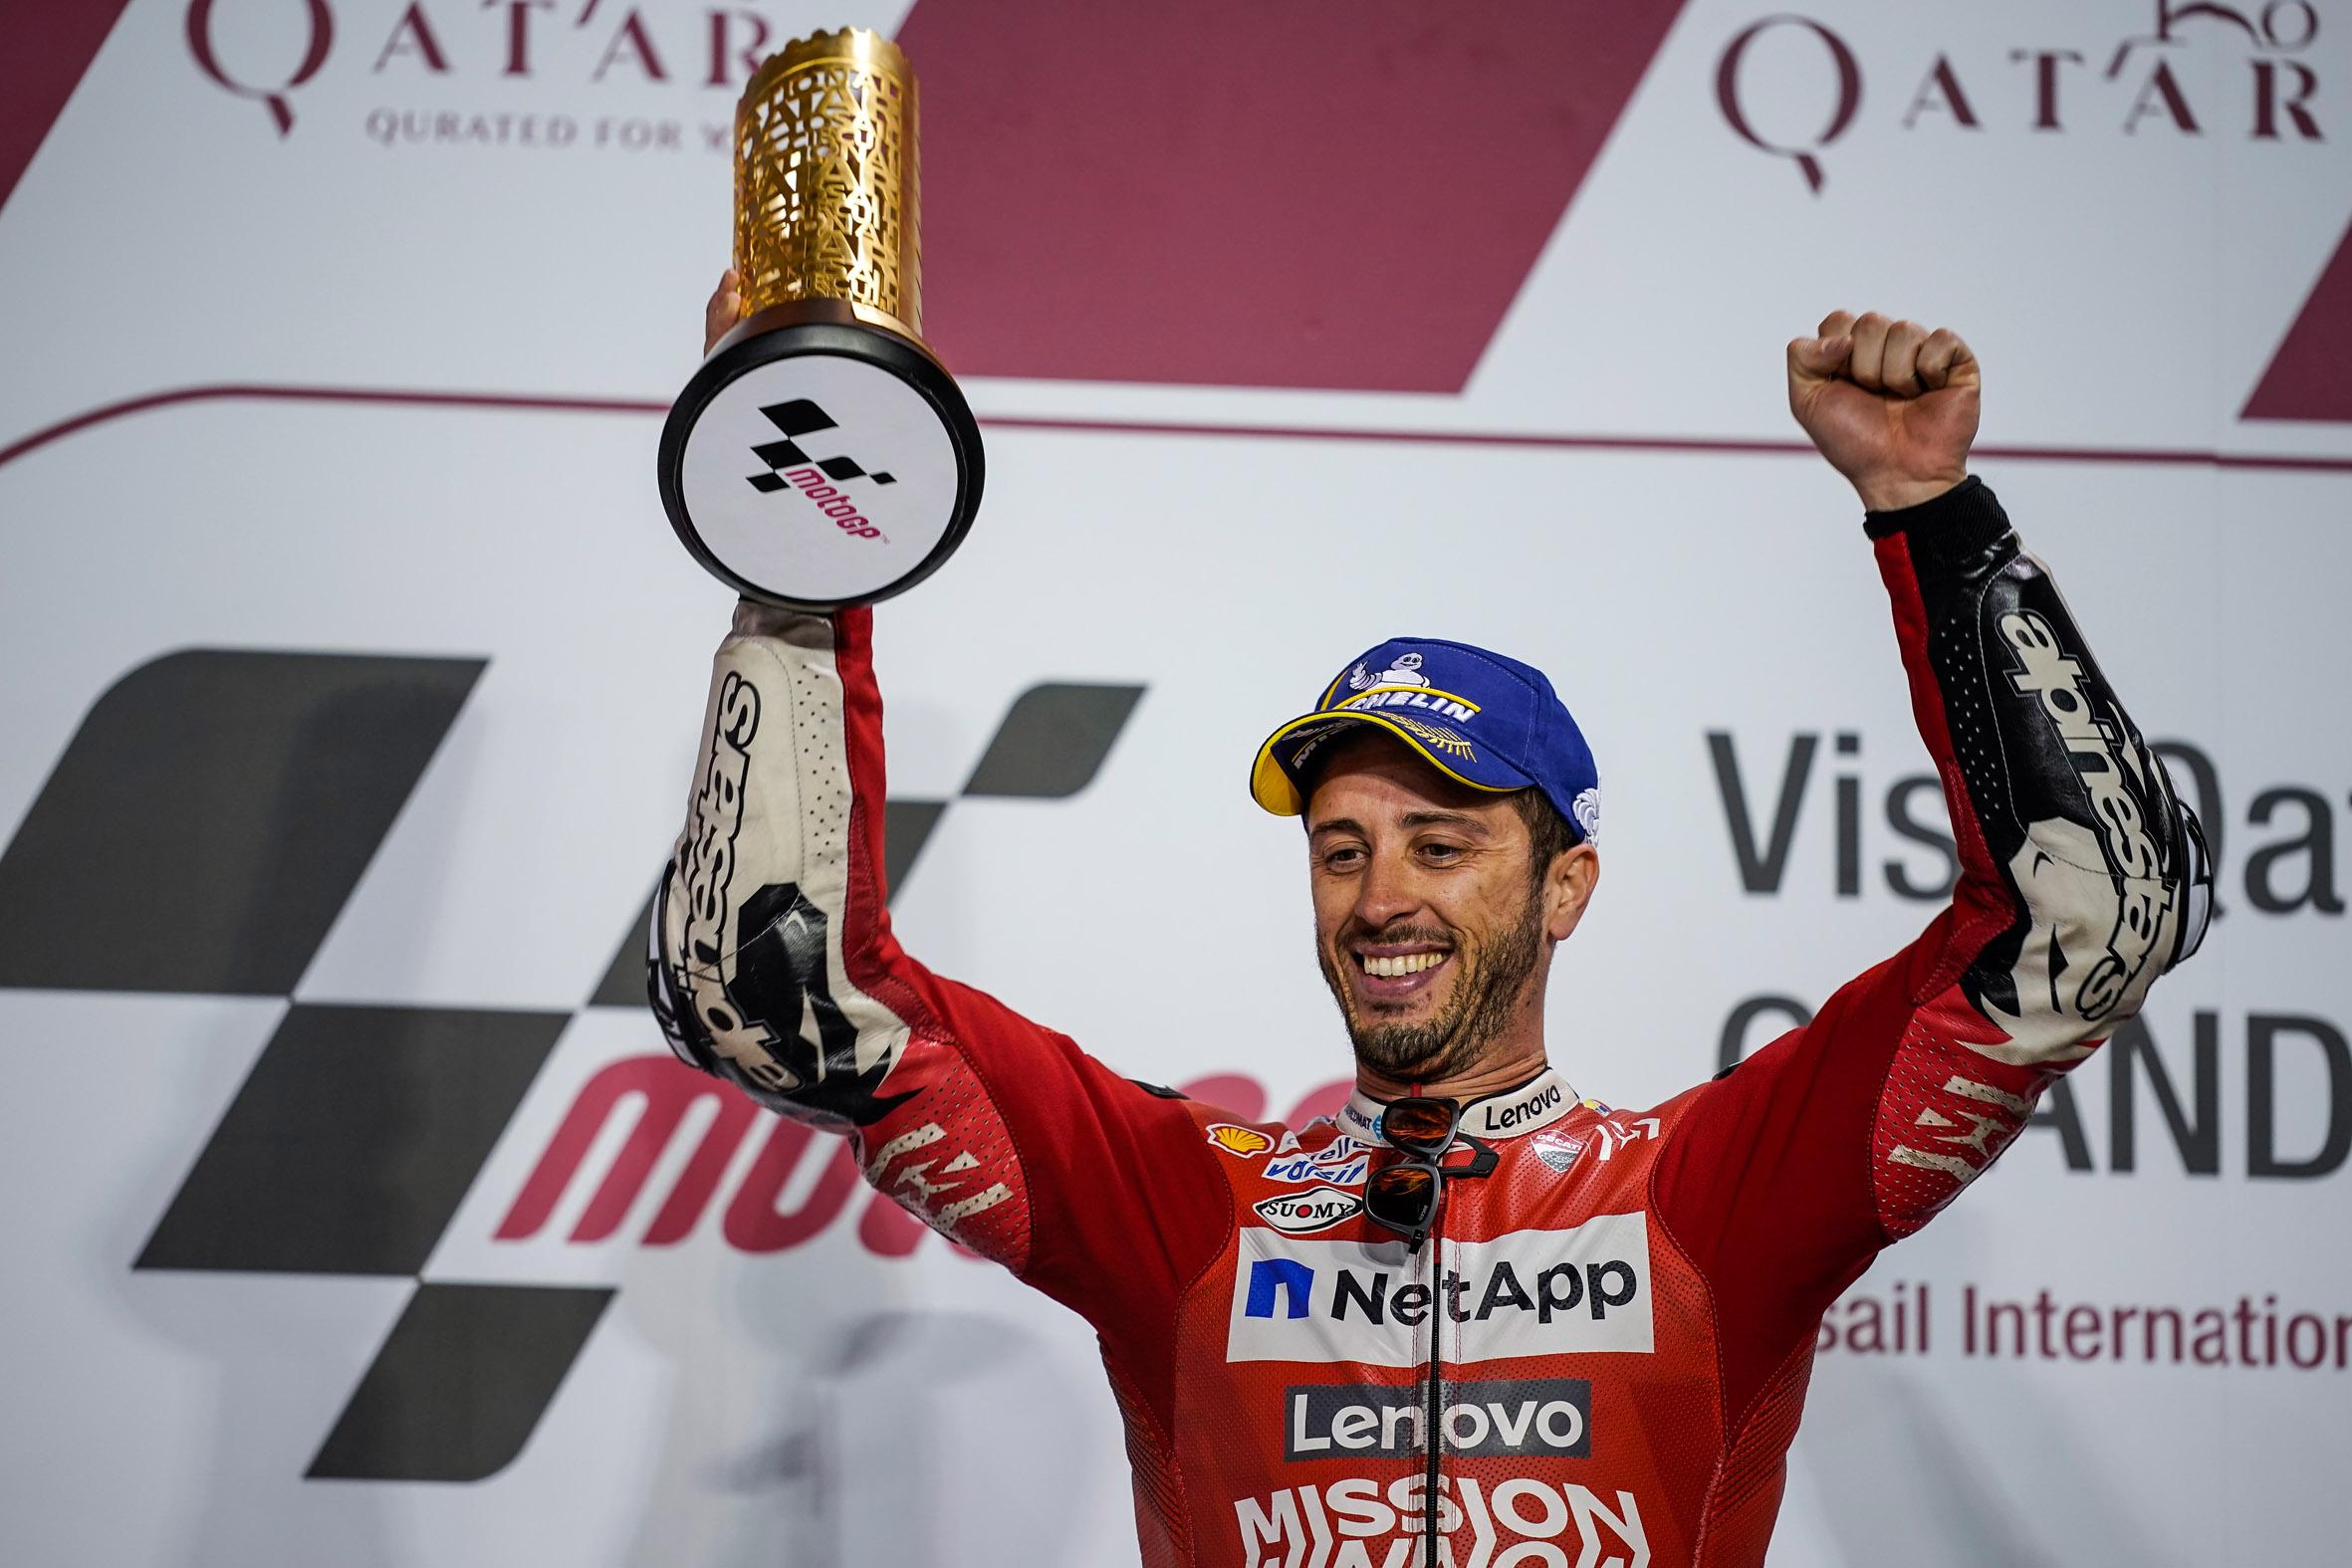 Confusión tras el GP de Qatar: La victoria de Andrea Dovizioso en cuarentena